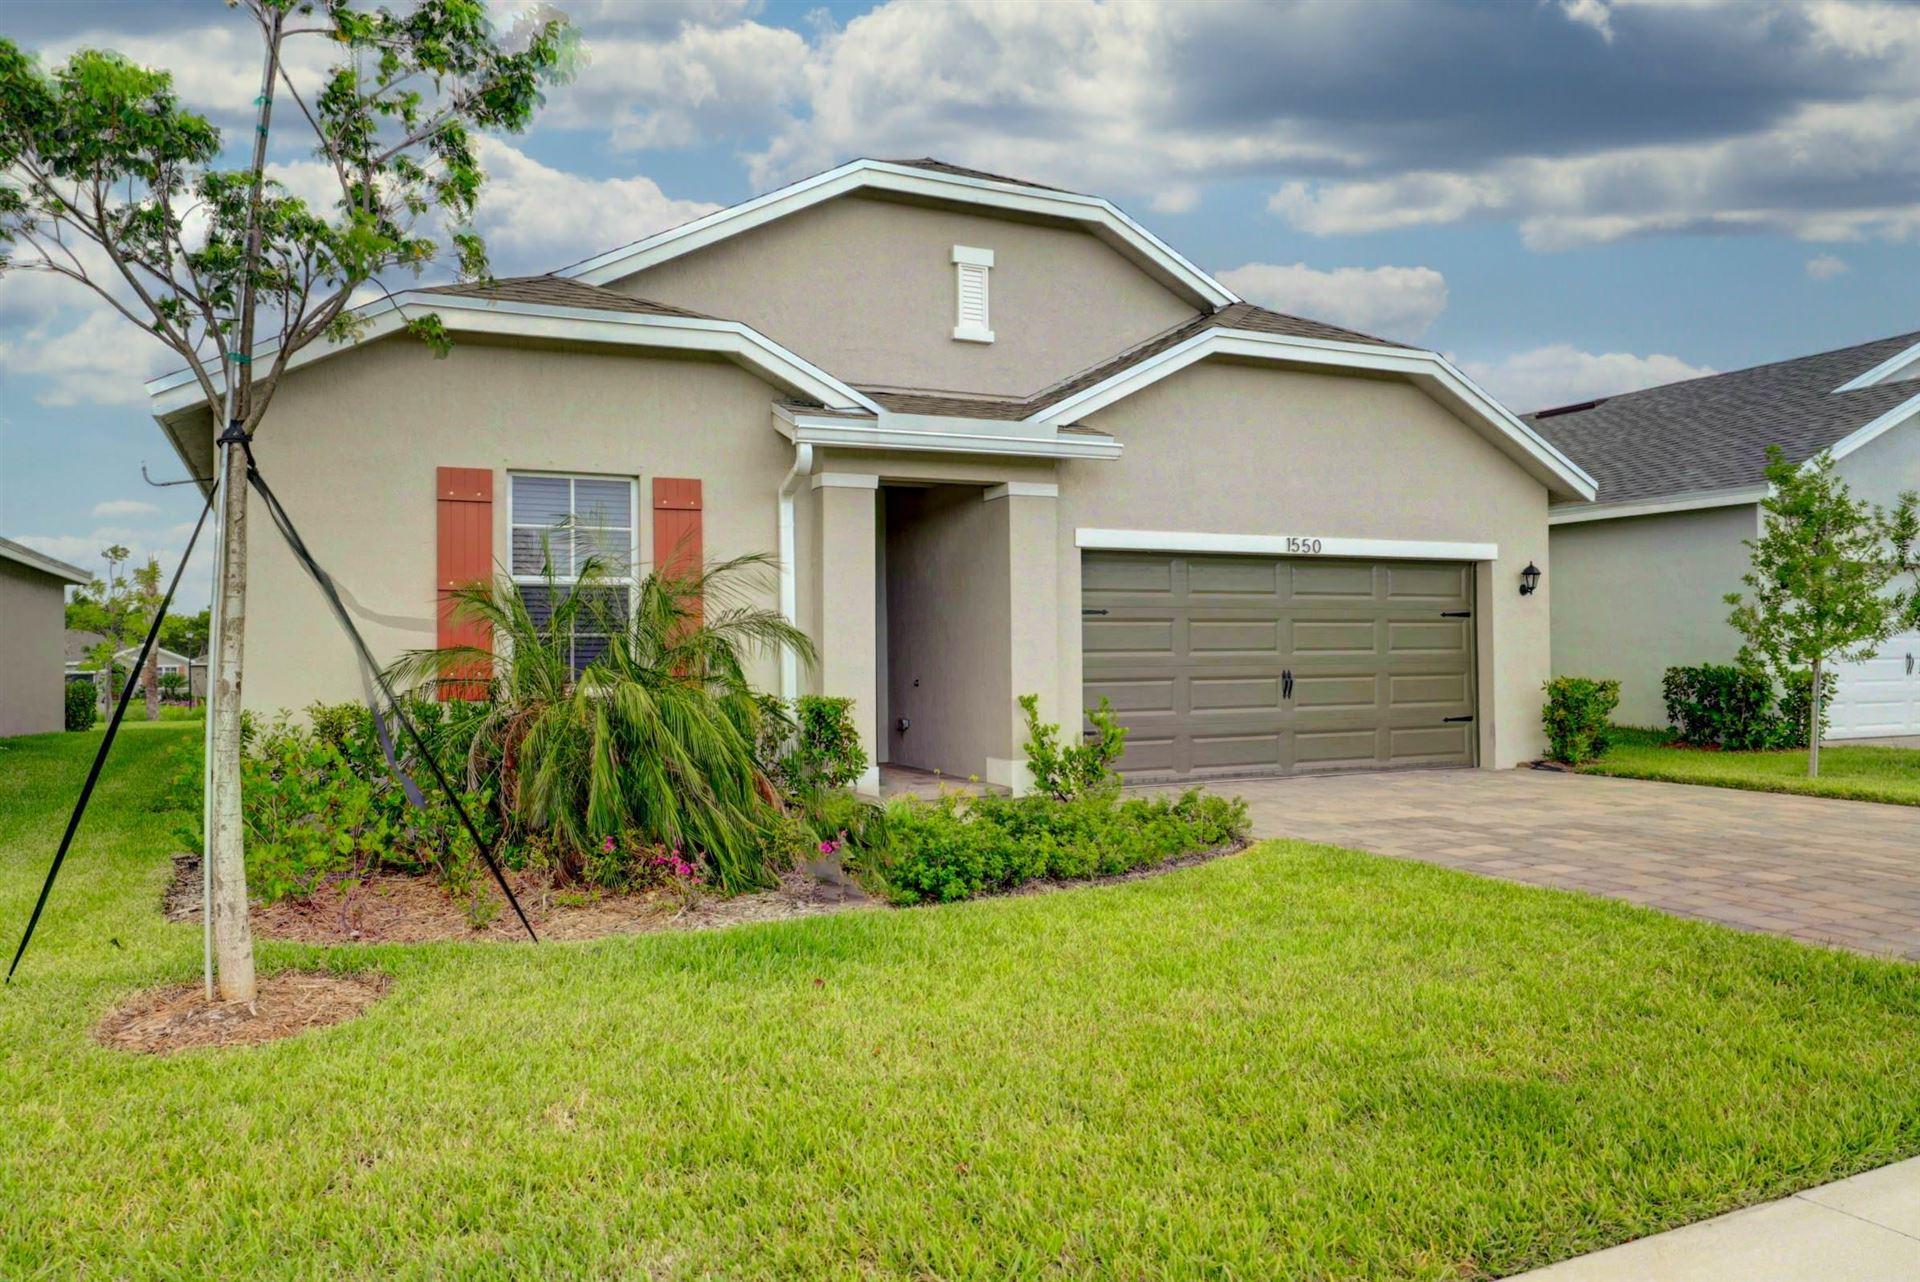 1550 NE Skyhigh Terrace, Jensen Beach, FL 34957 - #: RX-10641803